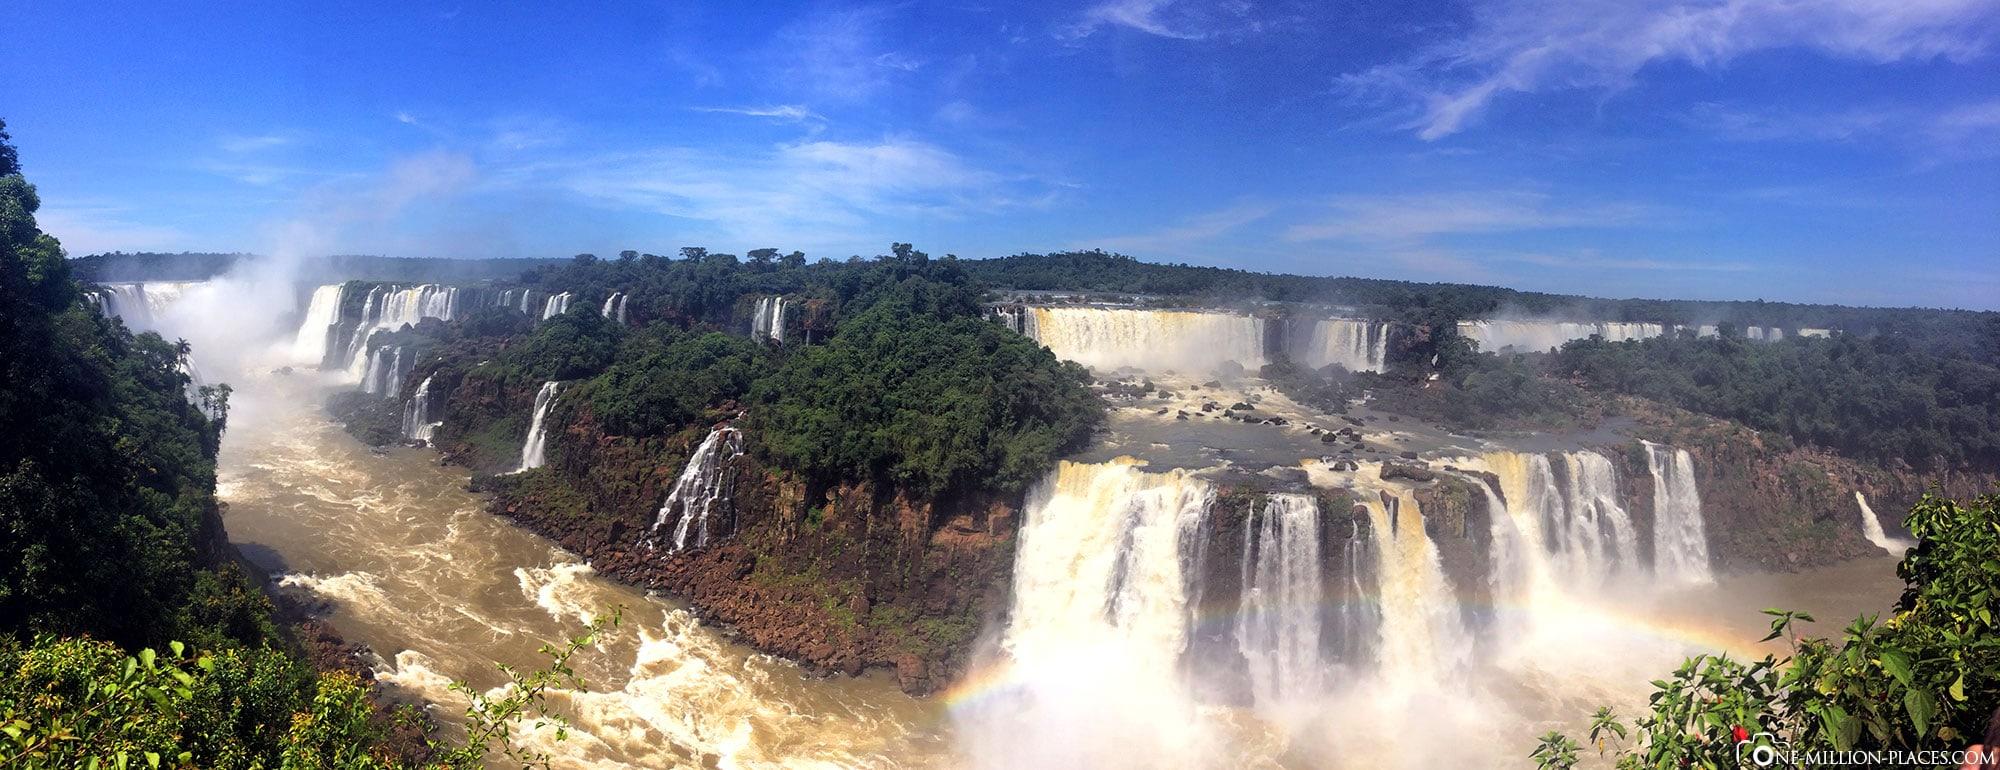 Panoramabild der Iguazu Wasserfälle